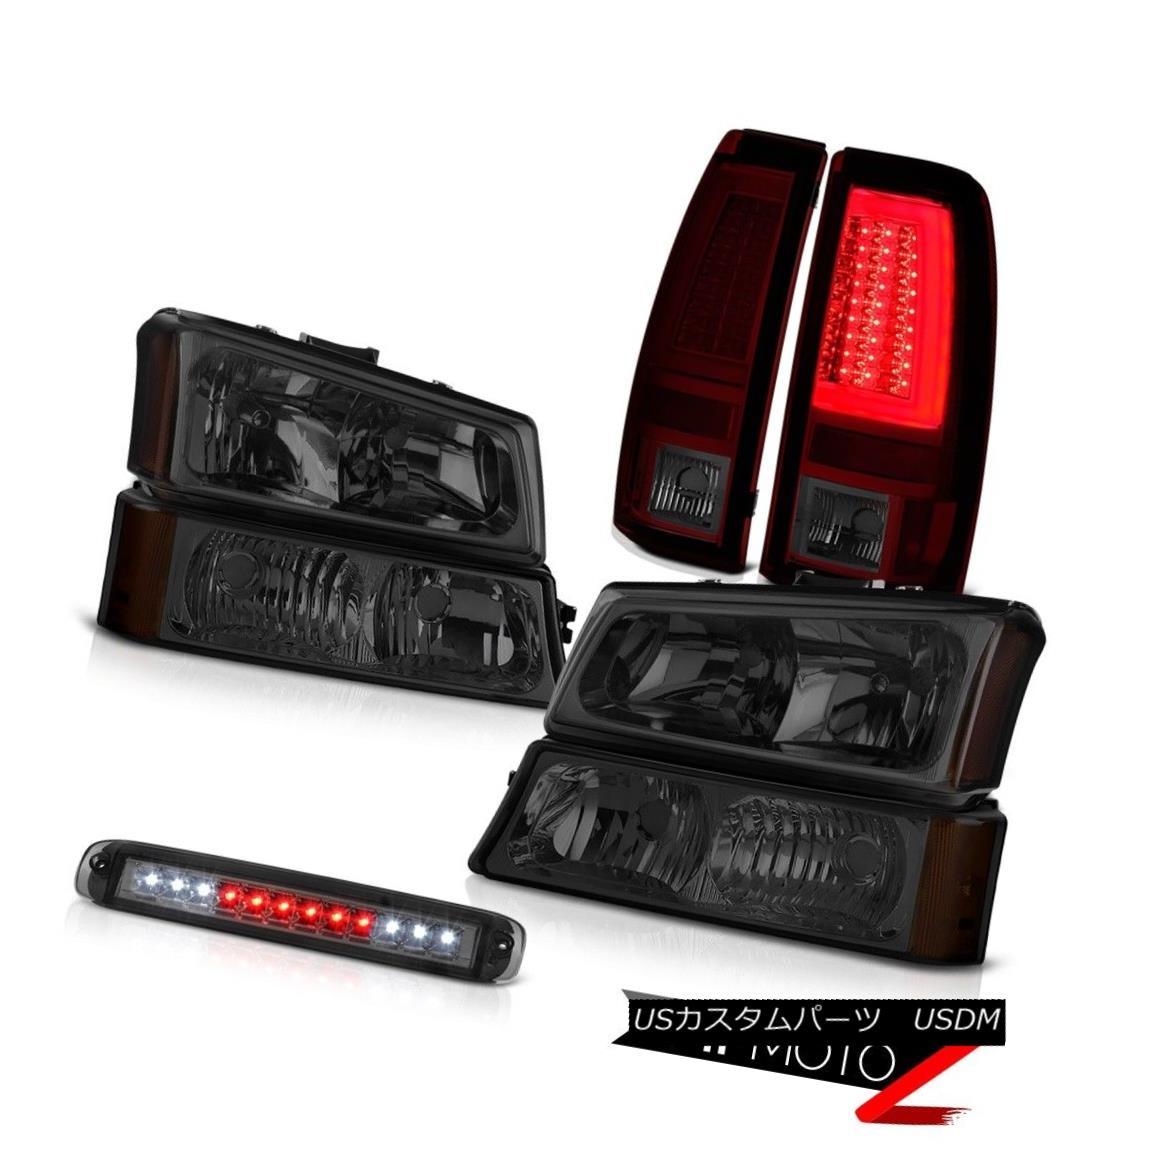 テールライト 03-06 Silverado 1500 Rear Brake Lamps 3RD Light Bumper Headlights